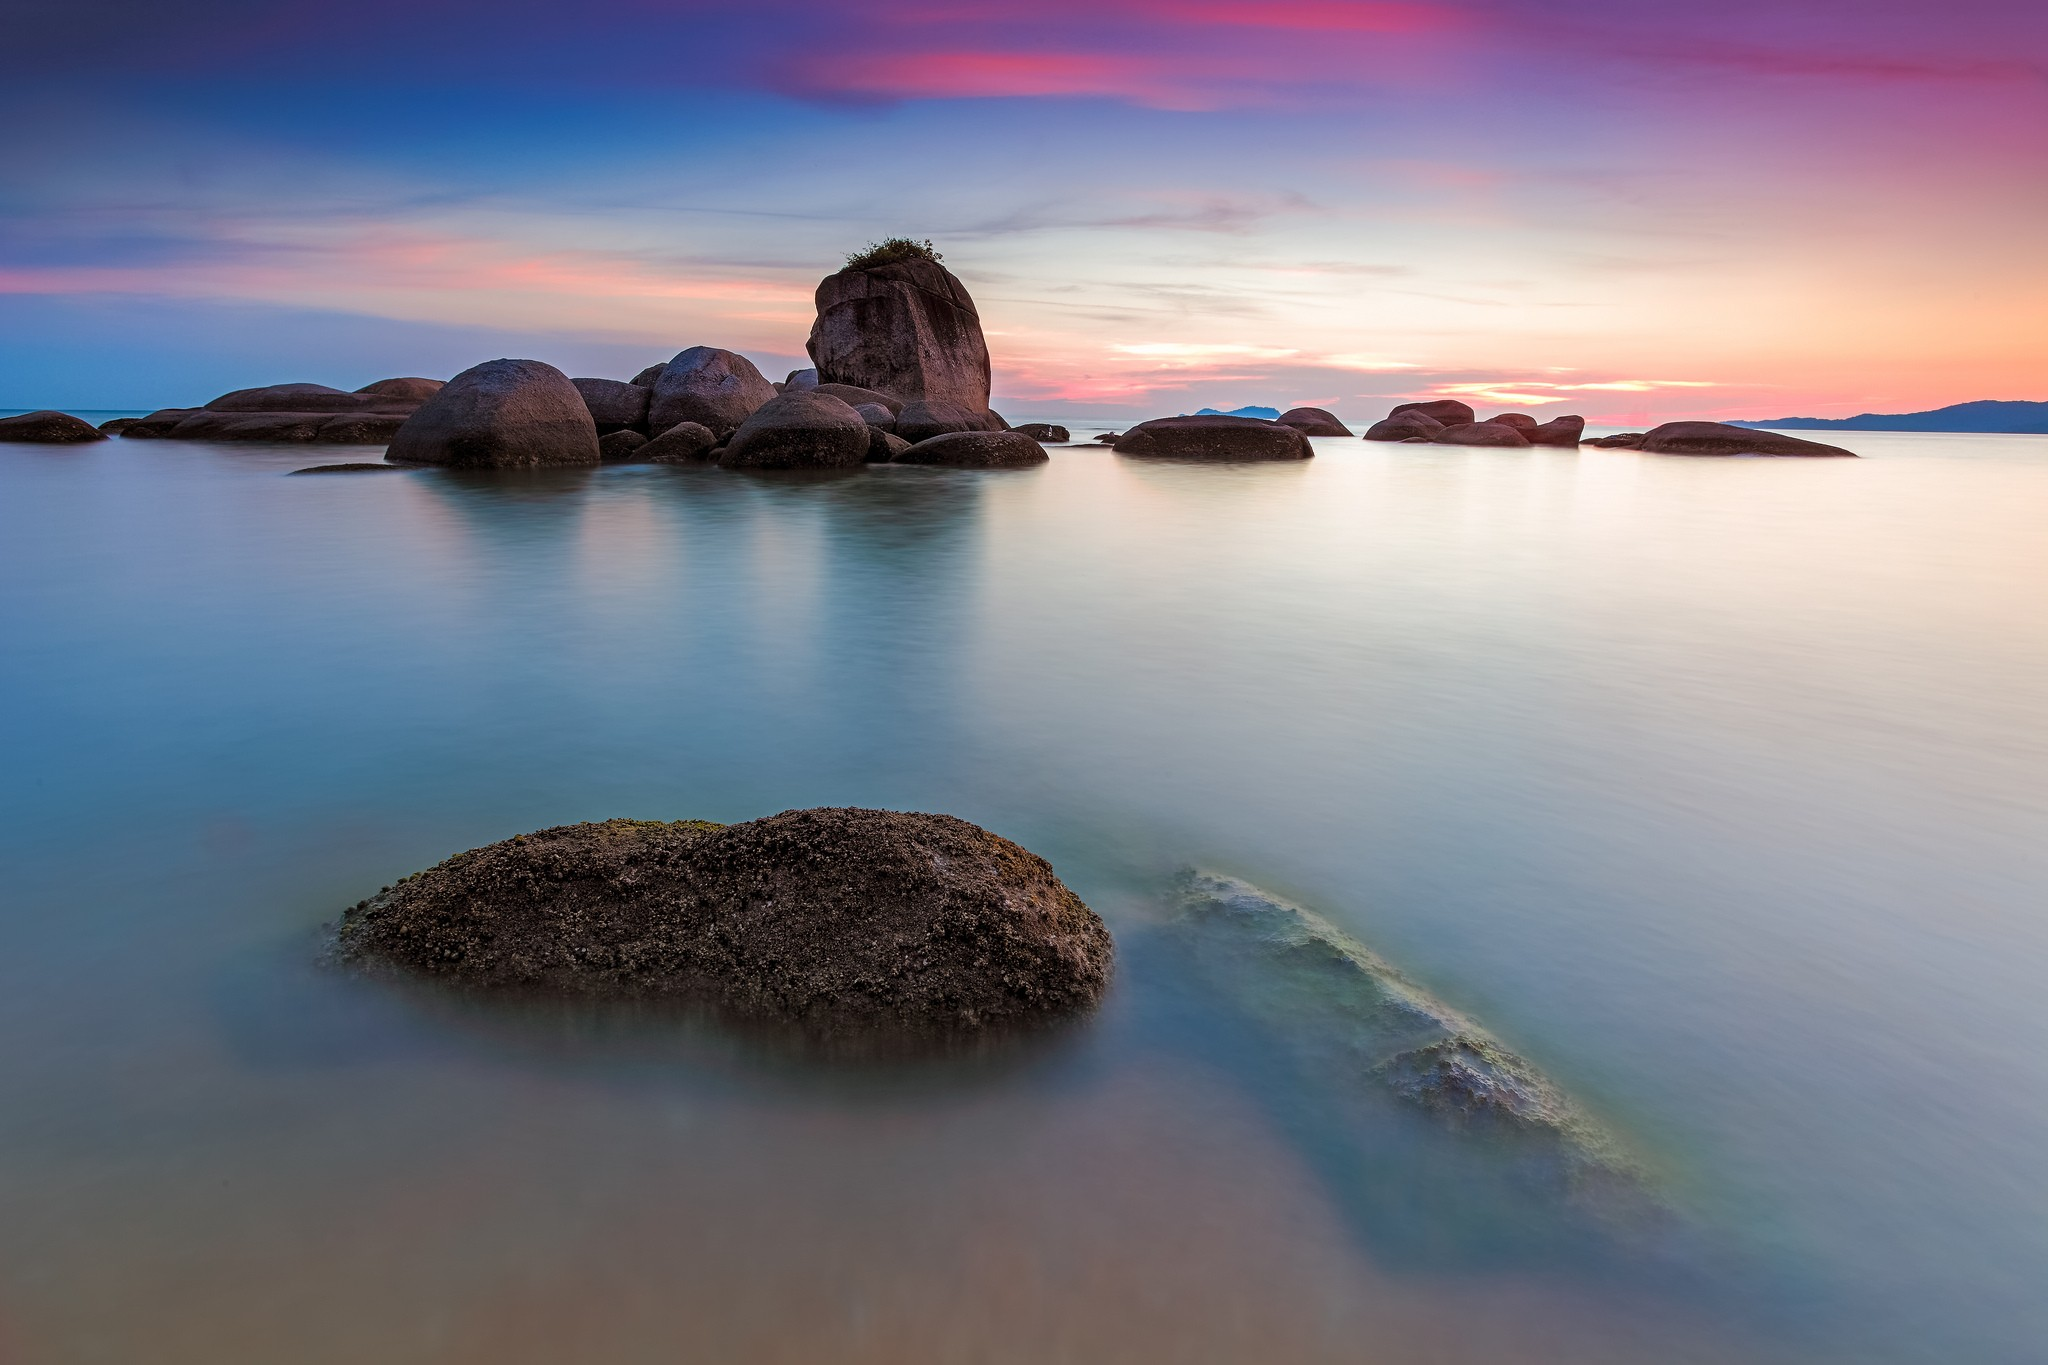 камни, горы, вода бесплатно